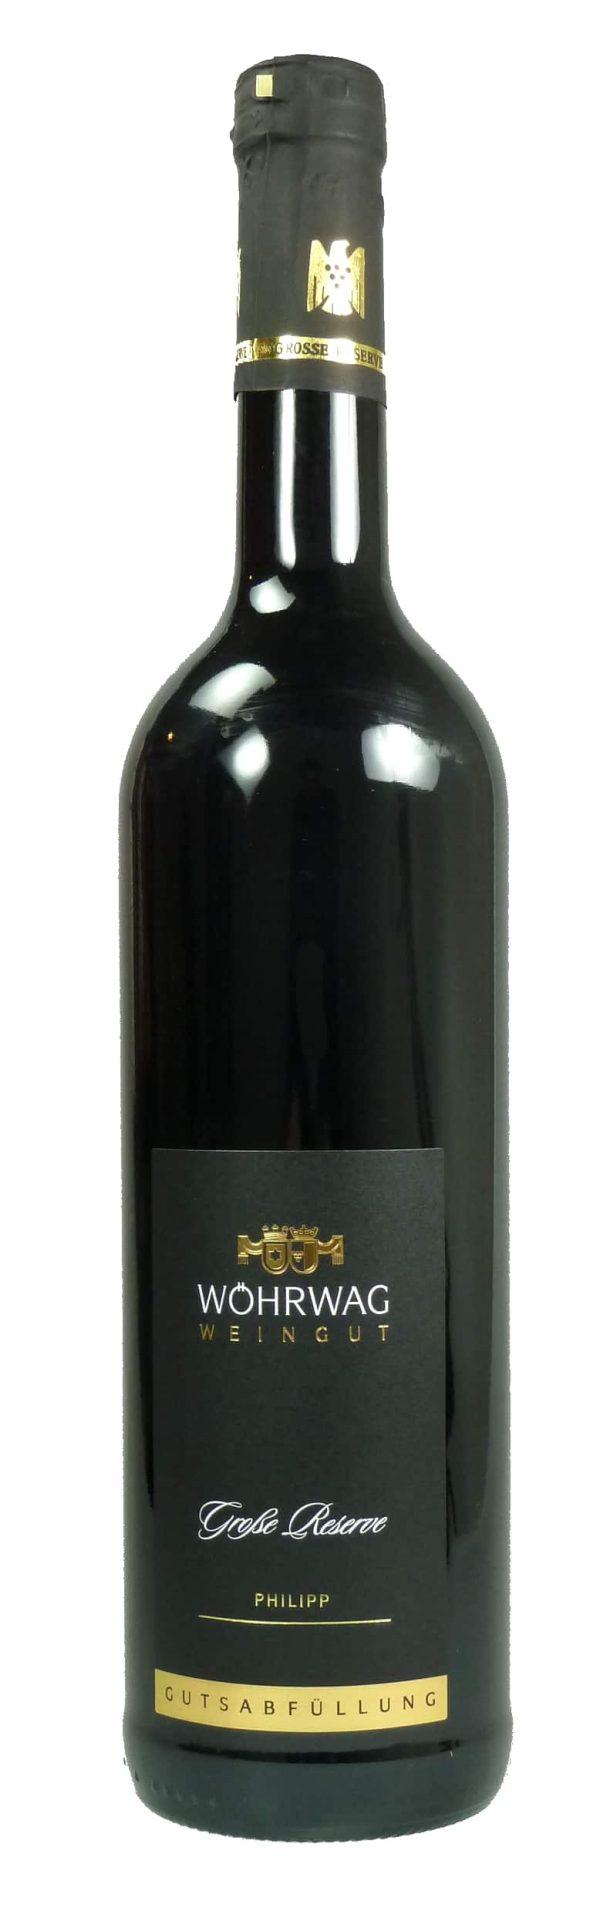 Philipp Rotweincuvée Große Reserve Qualitätswein trocken  2016